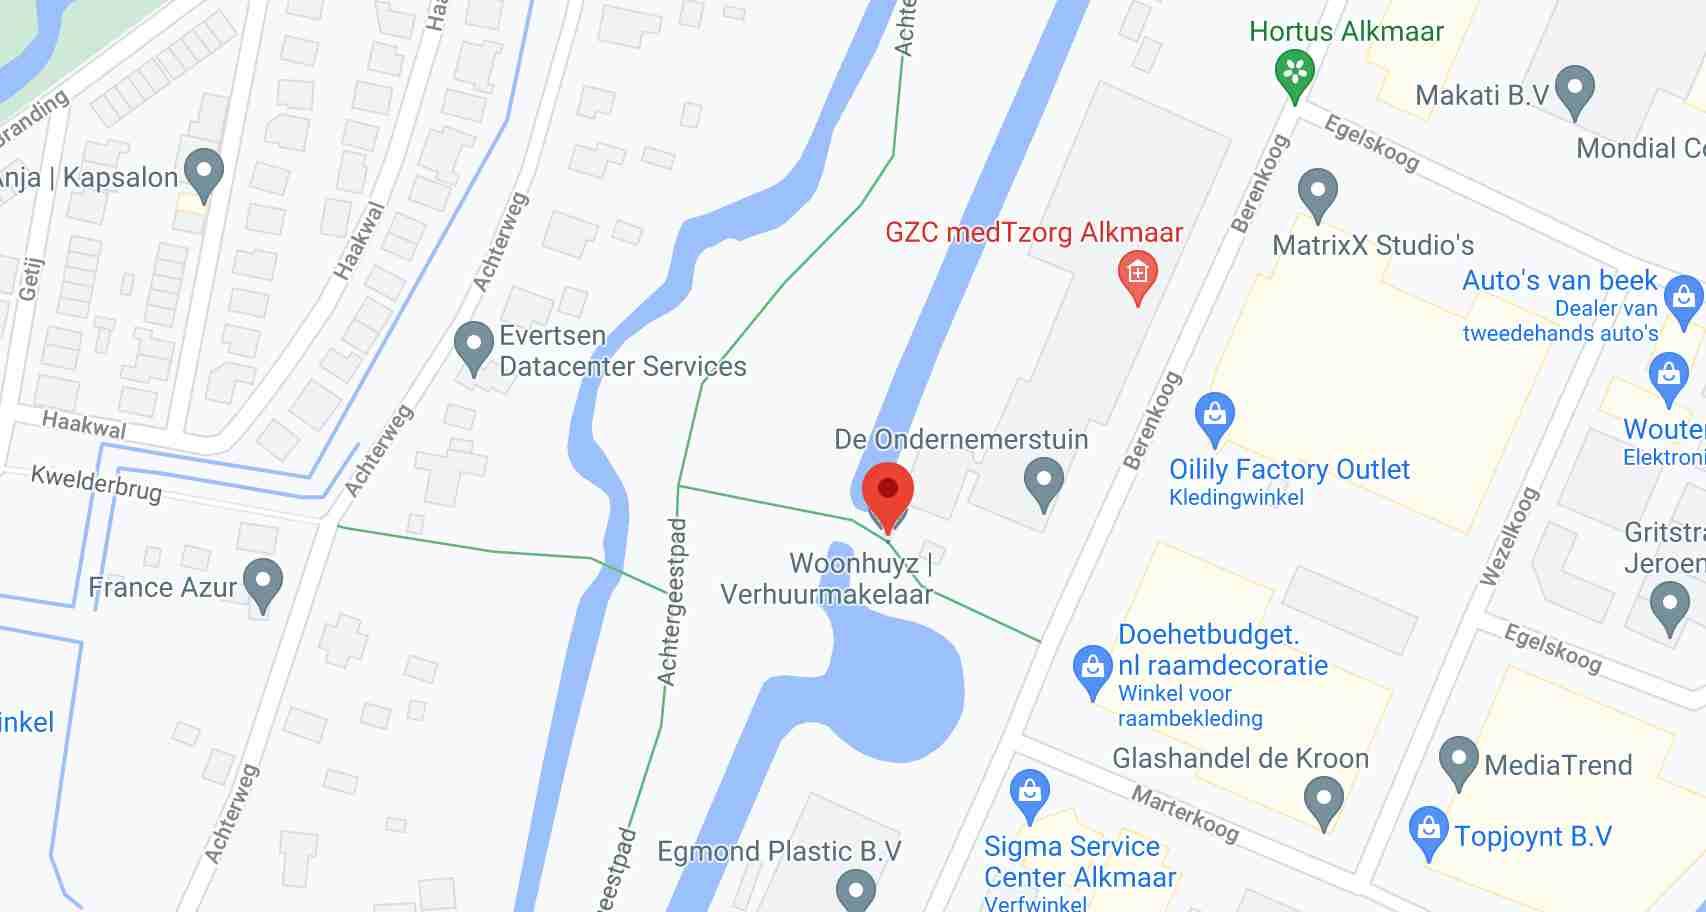 Beyond Mindfulness in Alkmaar